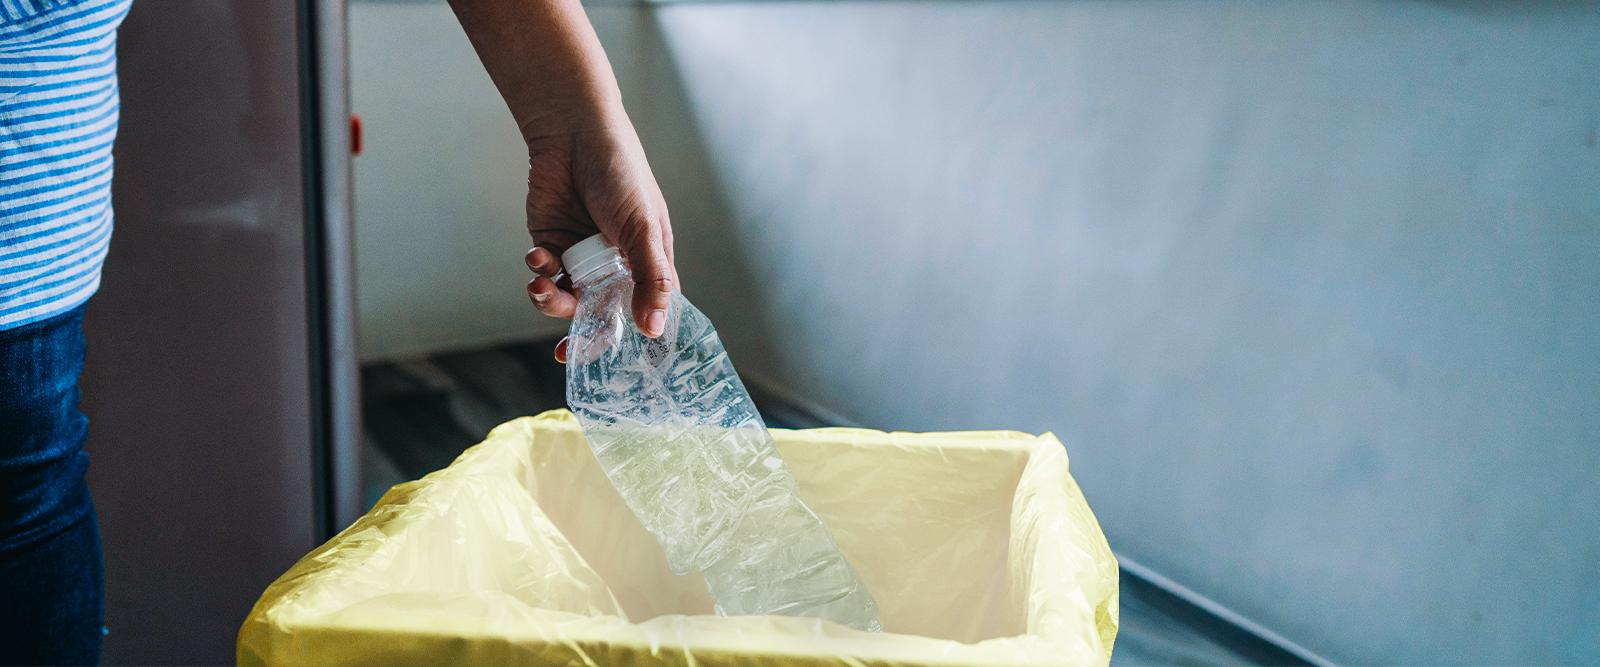 Emergenza COVID 19-come differenziare i rifiuti